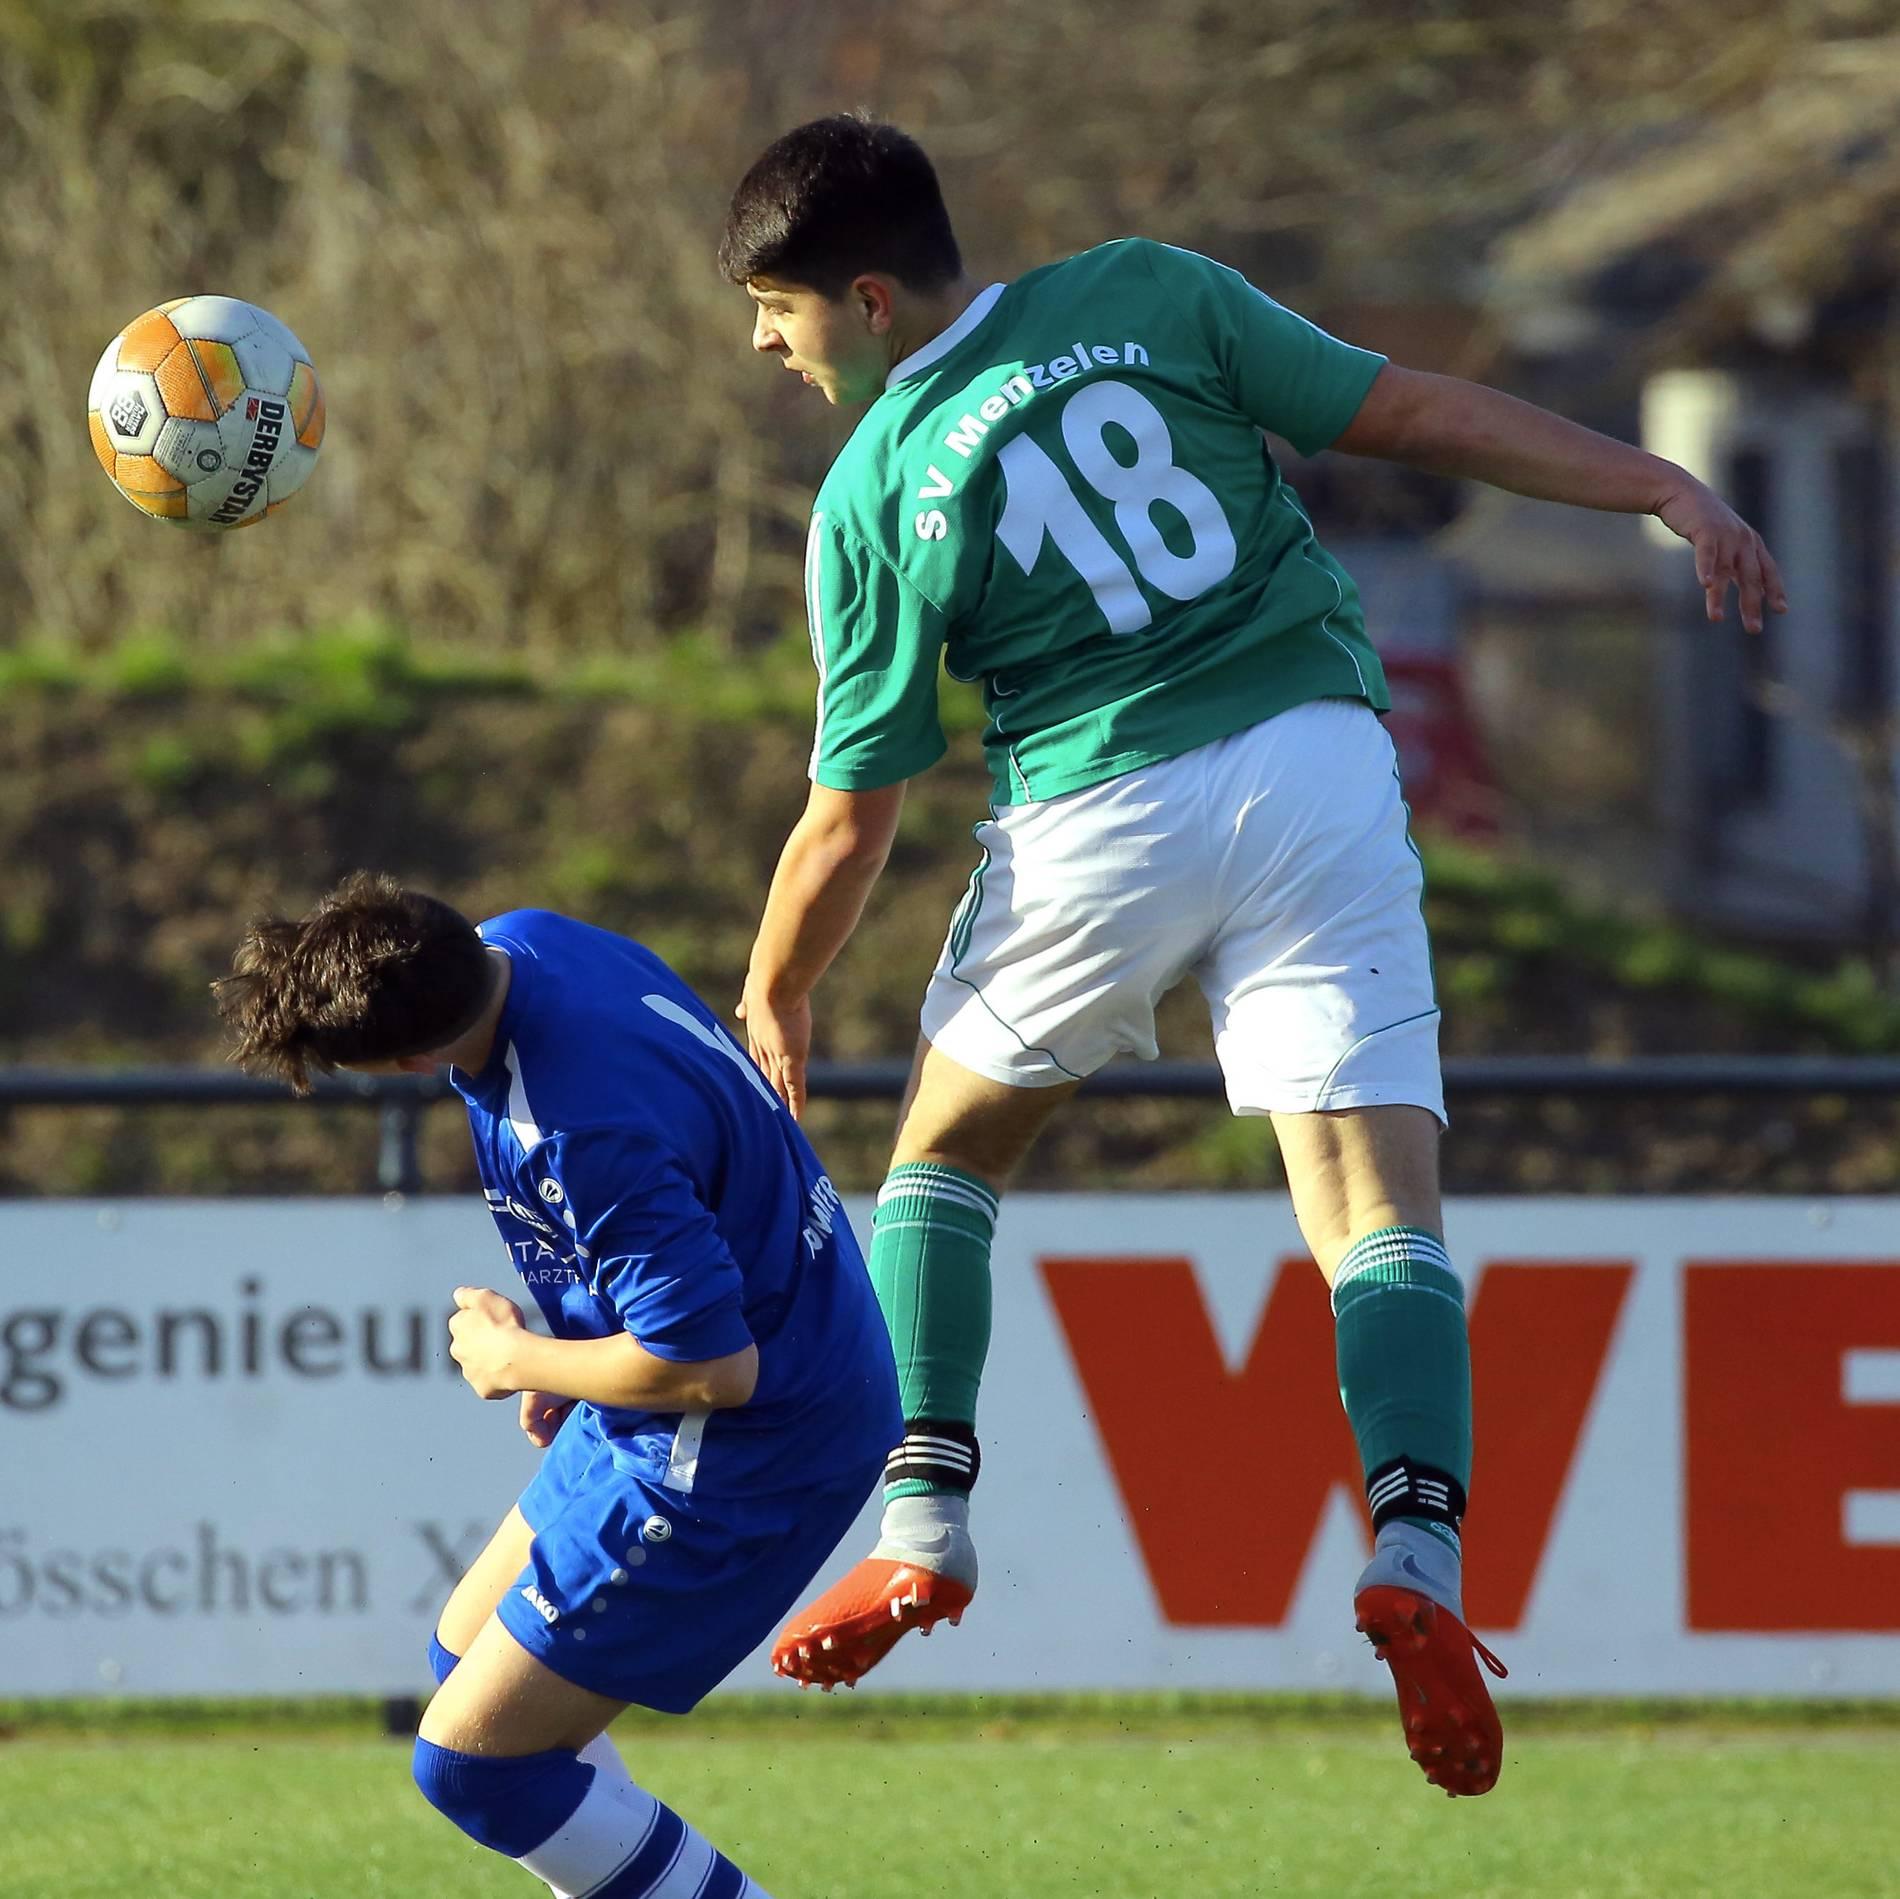 Fussball C Jugend Des Sv Menzelen Deklassiert Vfl Repelen